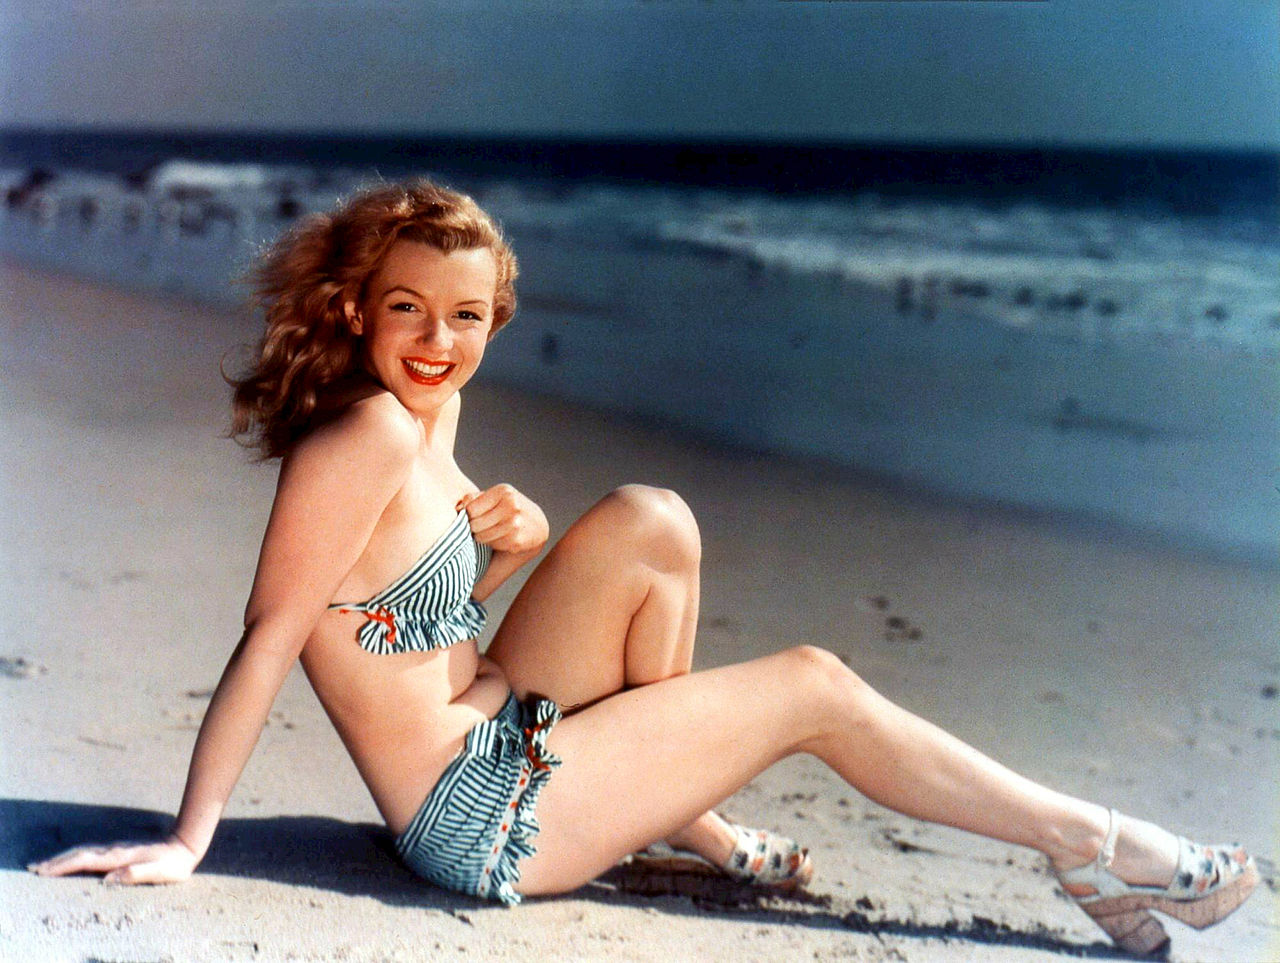 Marilyn Monroe, en los días en que aún no era una estrella, y posaba para calendarios y tarjetas postales. De hecho, aún no era Marilyn Monroe, sino Norma Jean.